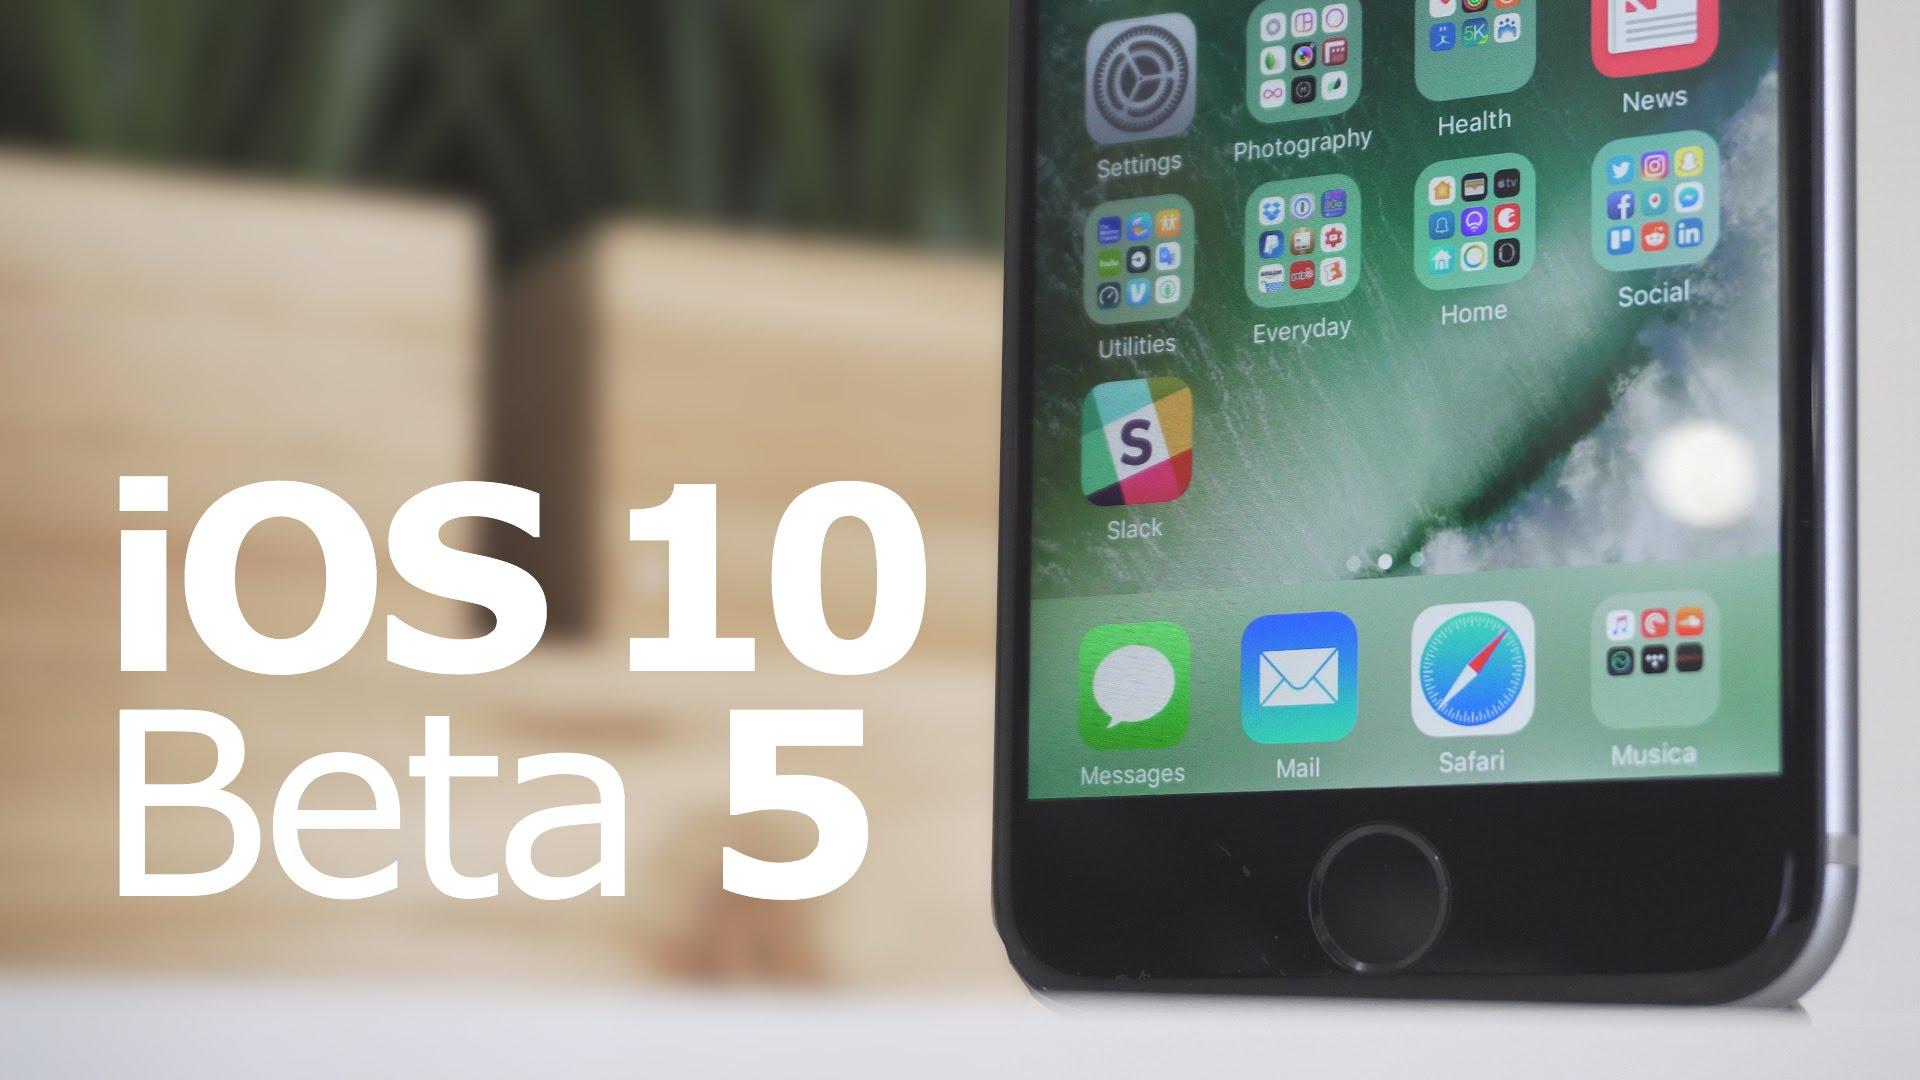 Ios 7 beta 5 скачать прошивку